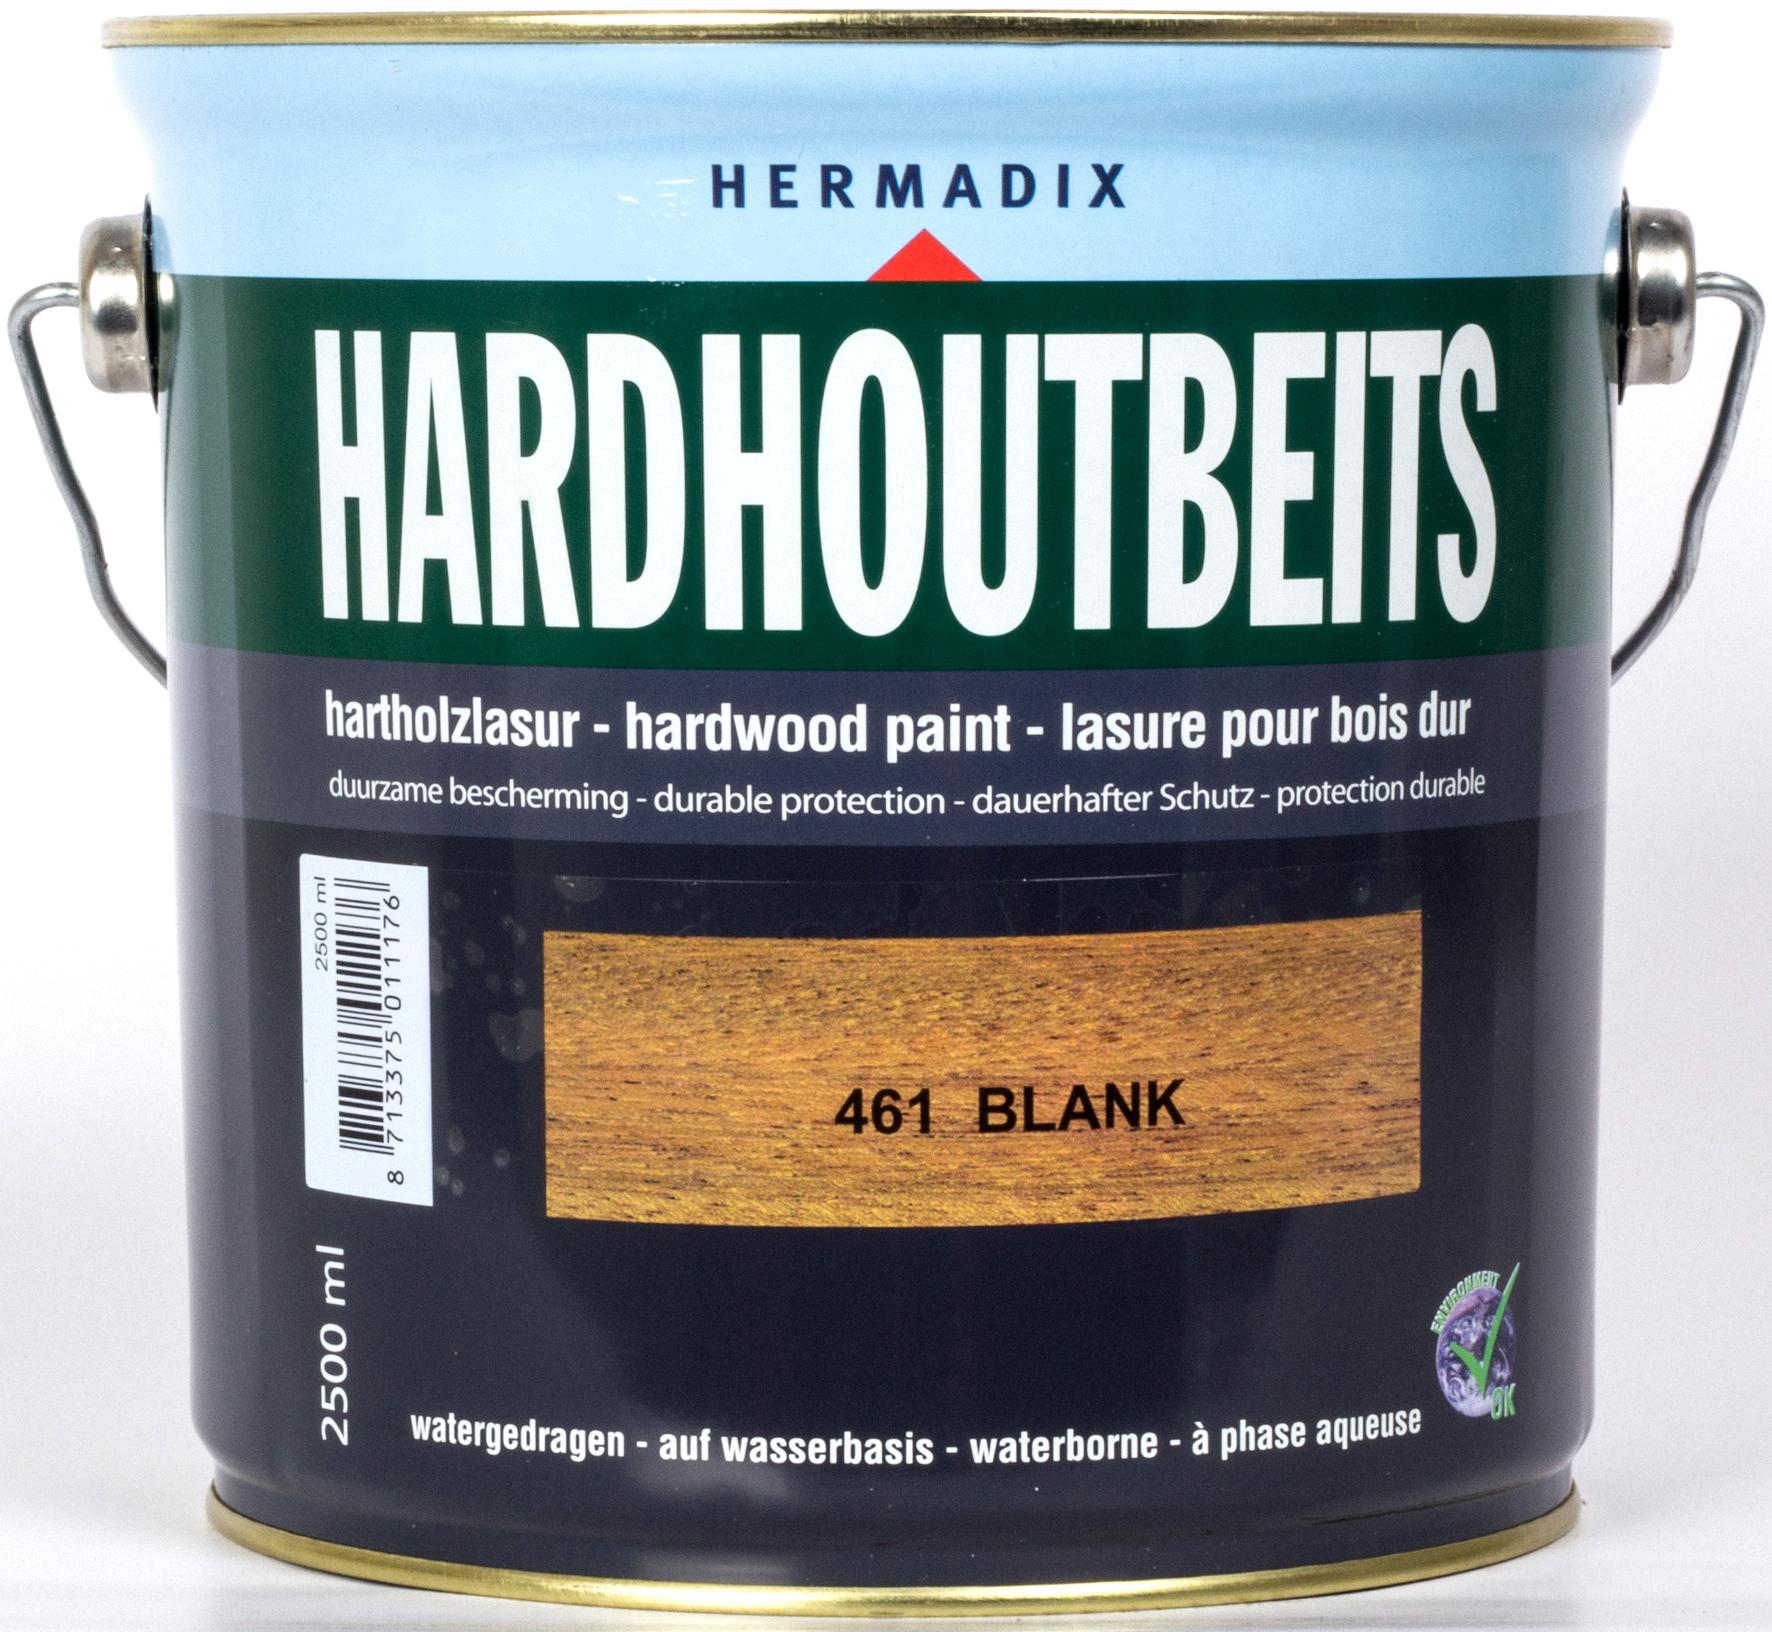 Hermadix | Hardhoutbeits 461 Blank | 750 ml